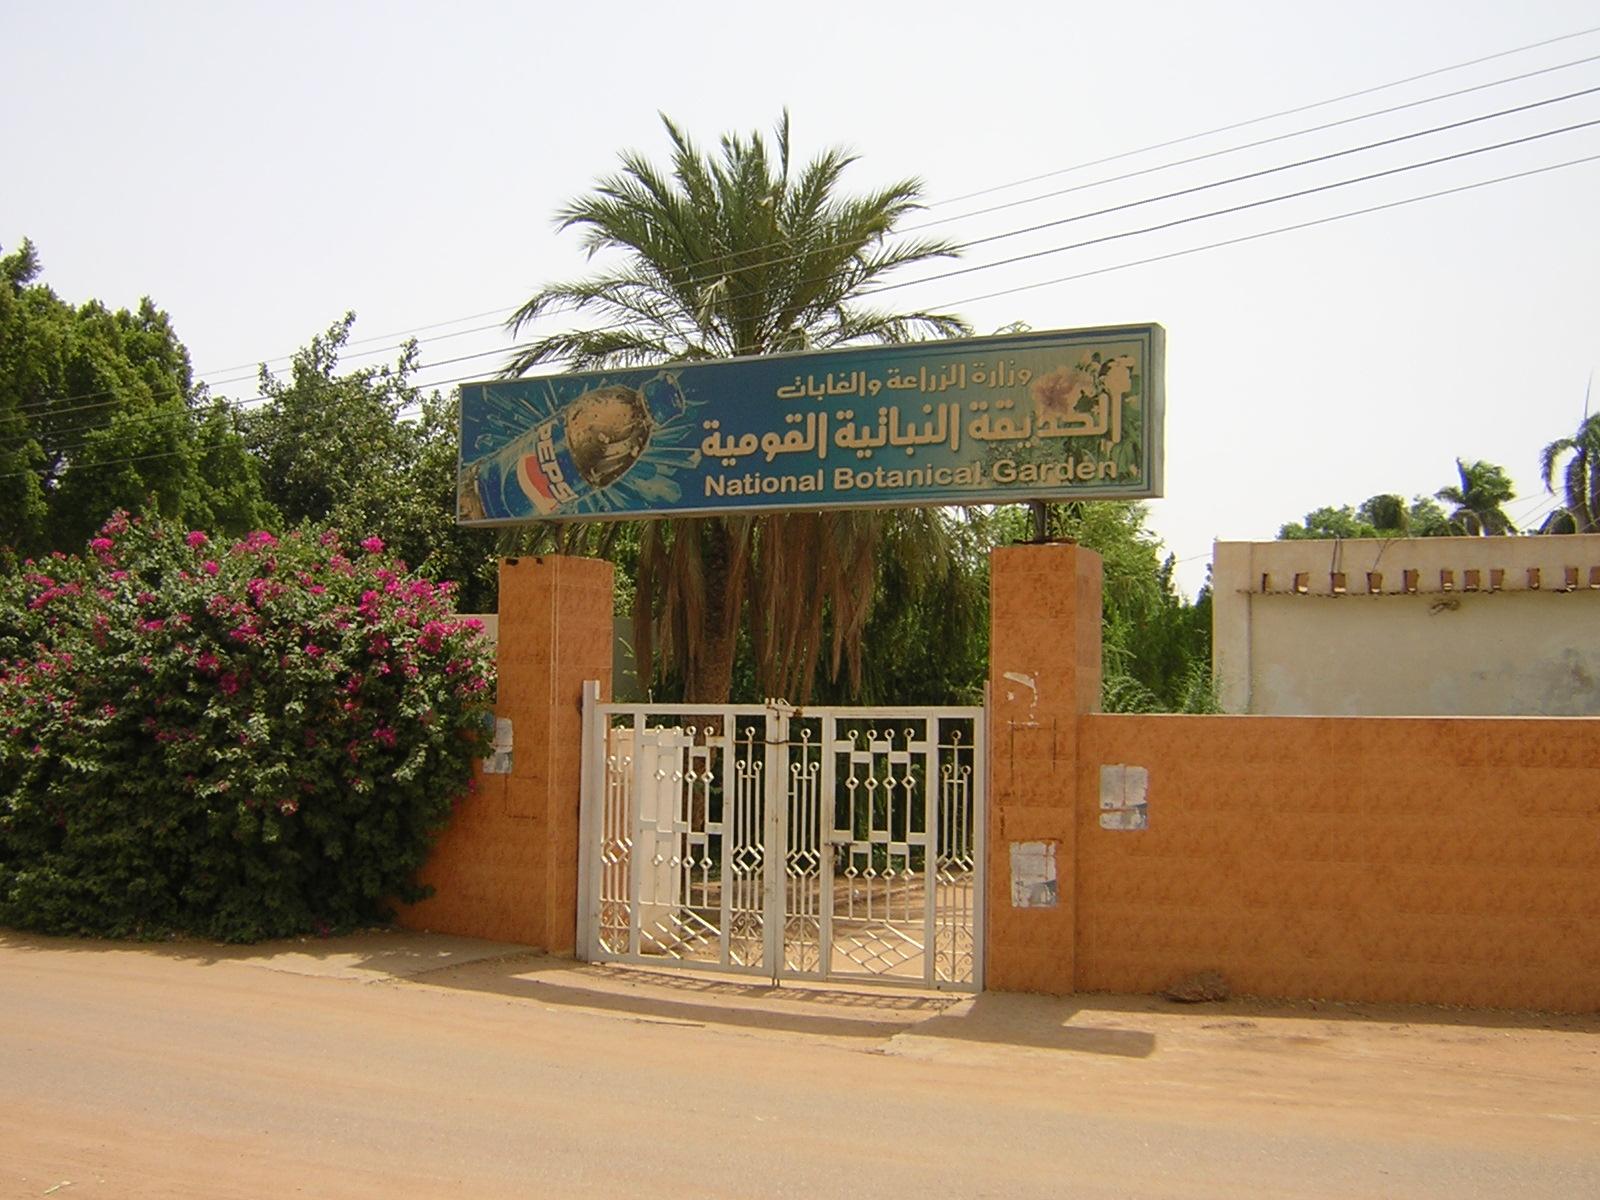 File:National Botanical Garden (Khartoum) 001.jpg - Wikimedia Commons